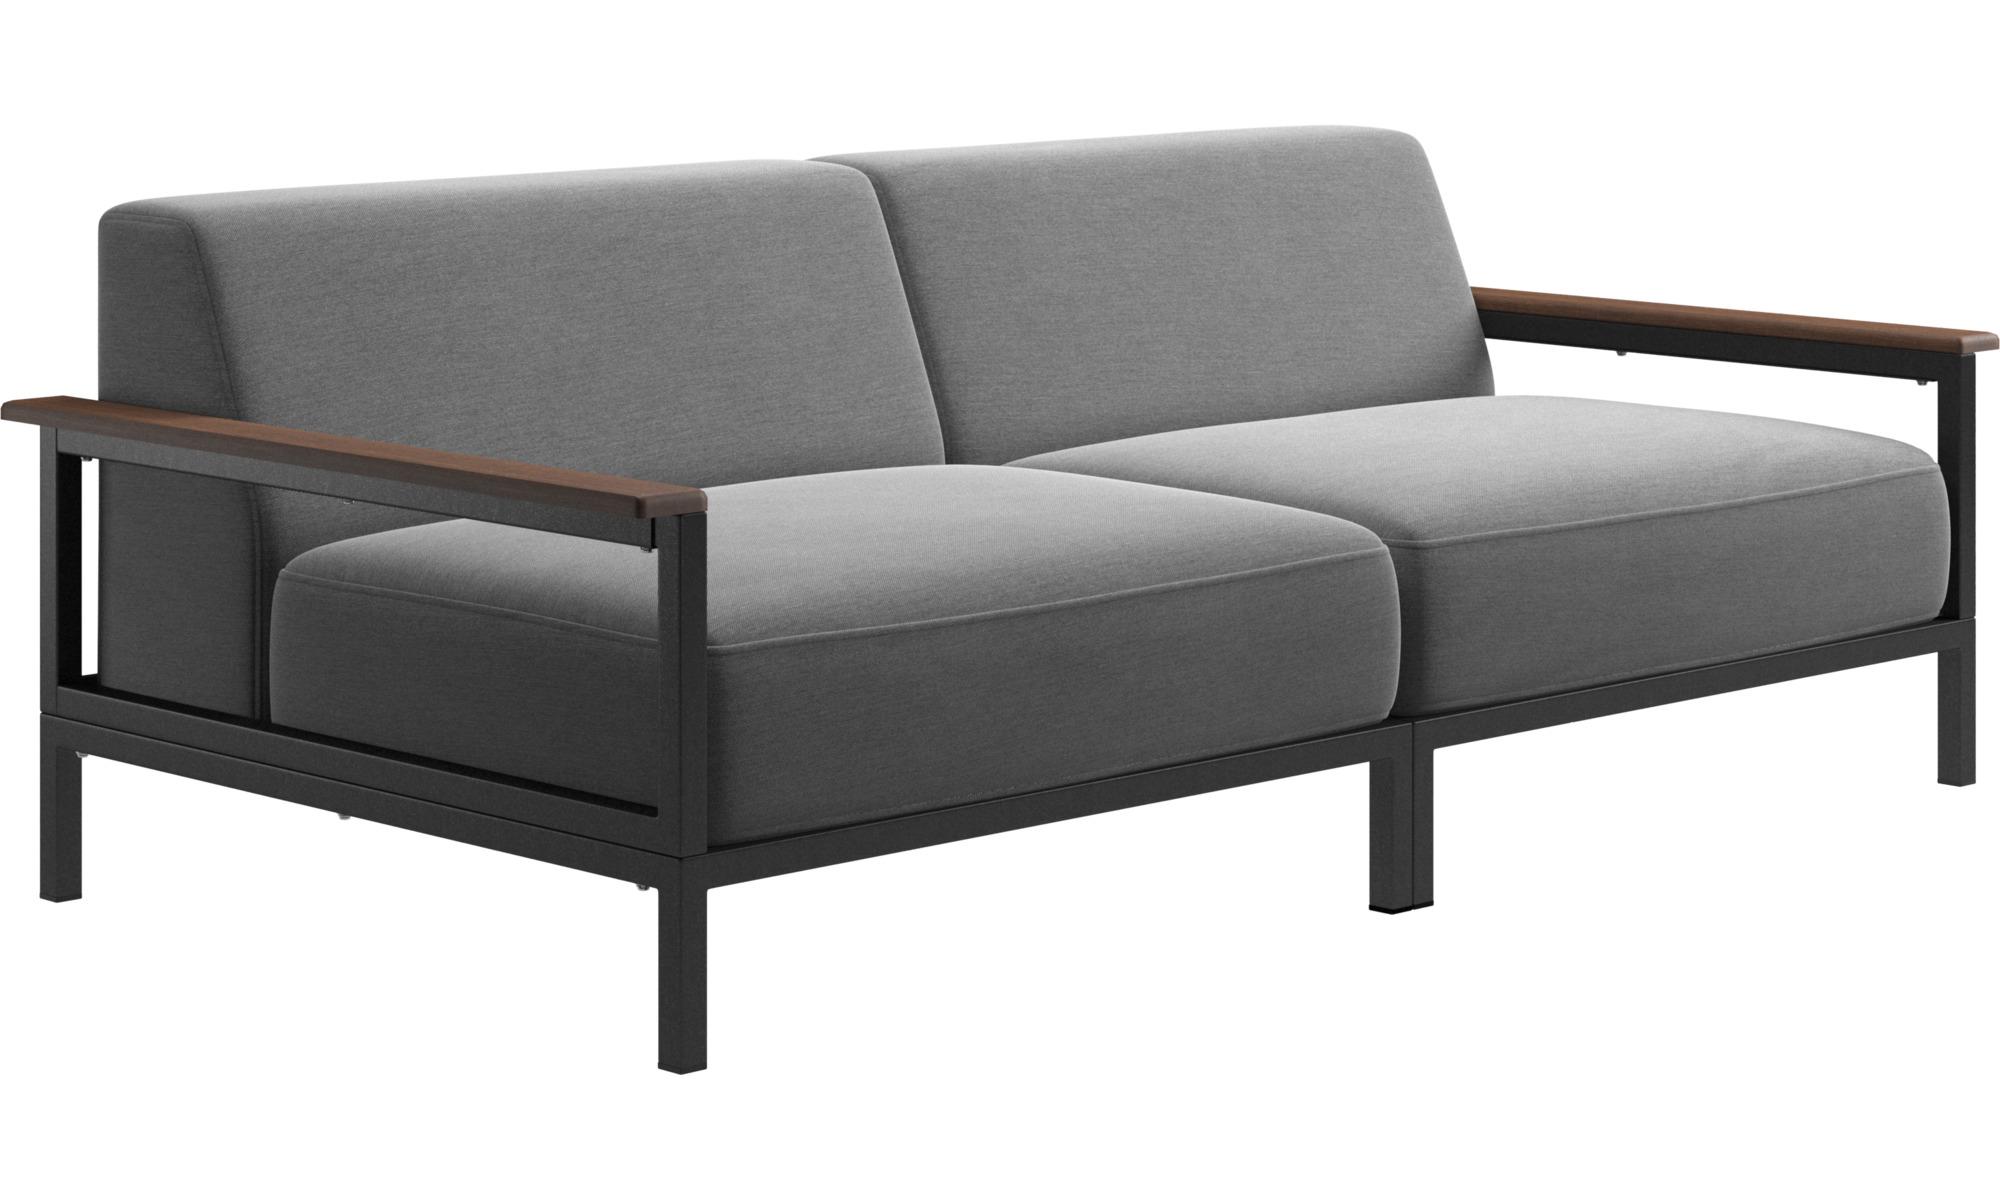 Sof s de exteriores sof de exteriores rome boconcept for Sofas para exterior